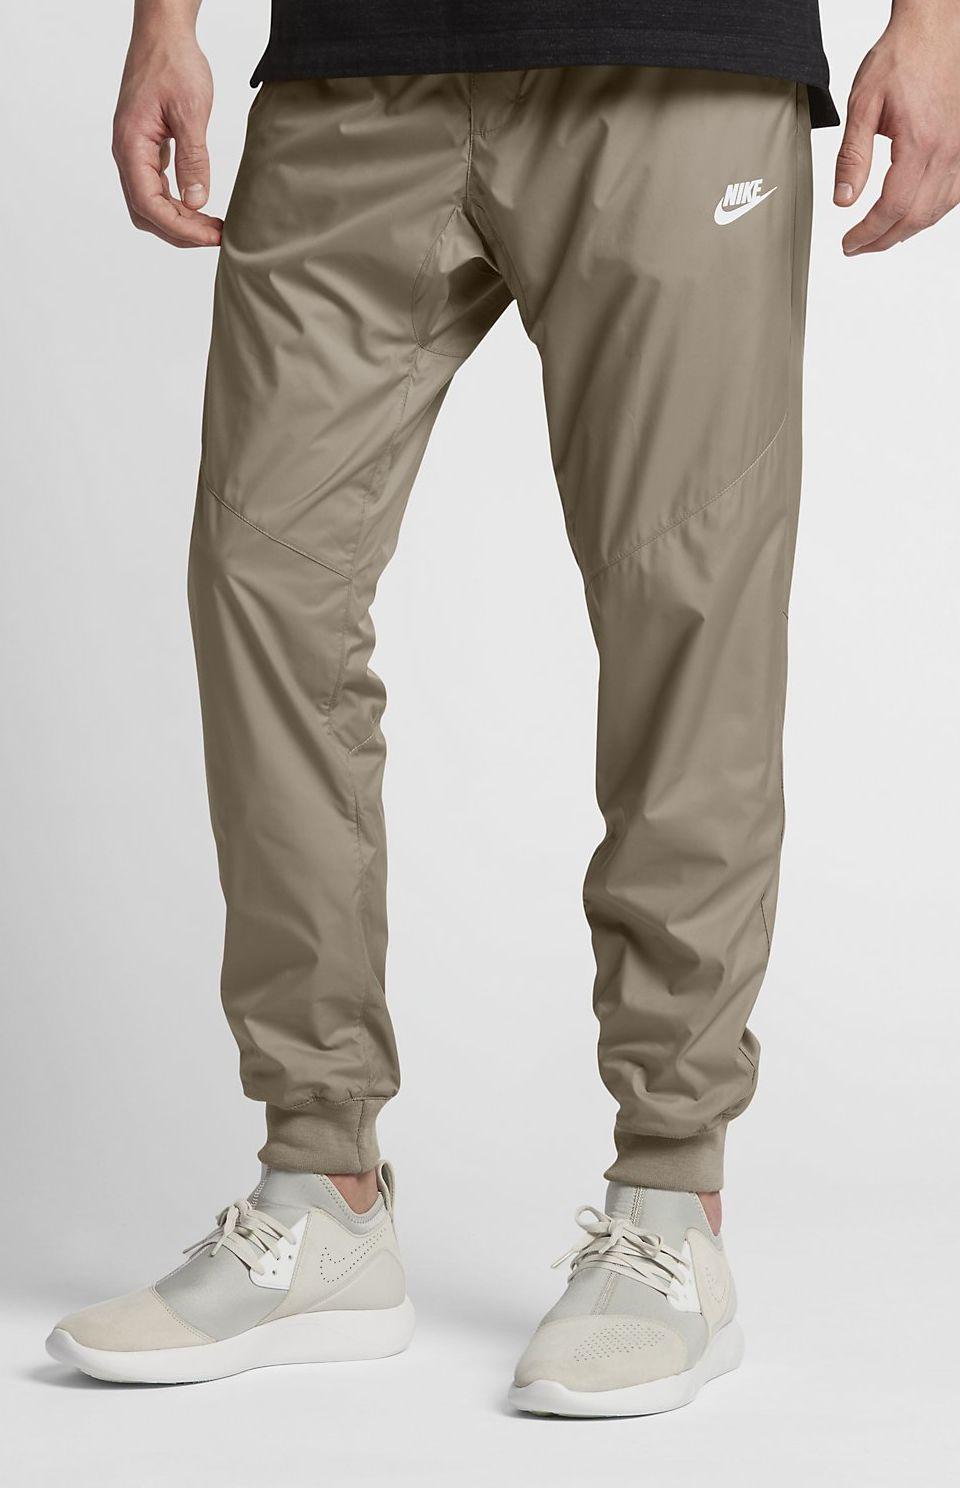 Nike Sportswear Windrunner Pants Click